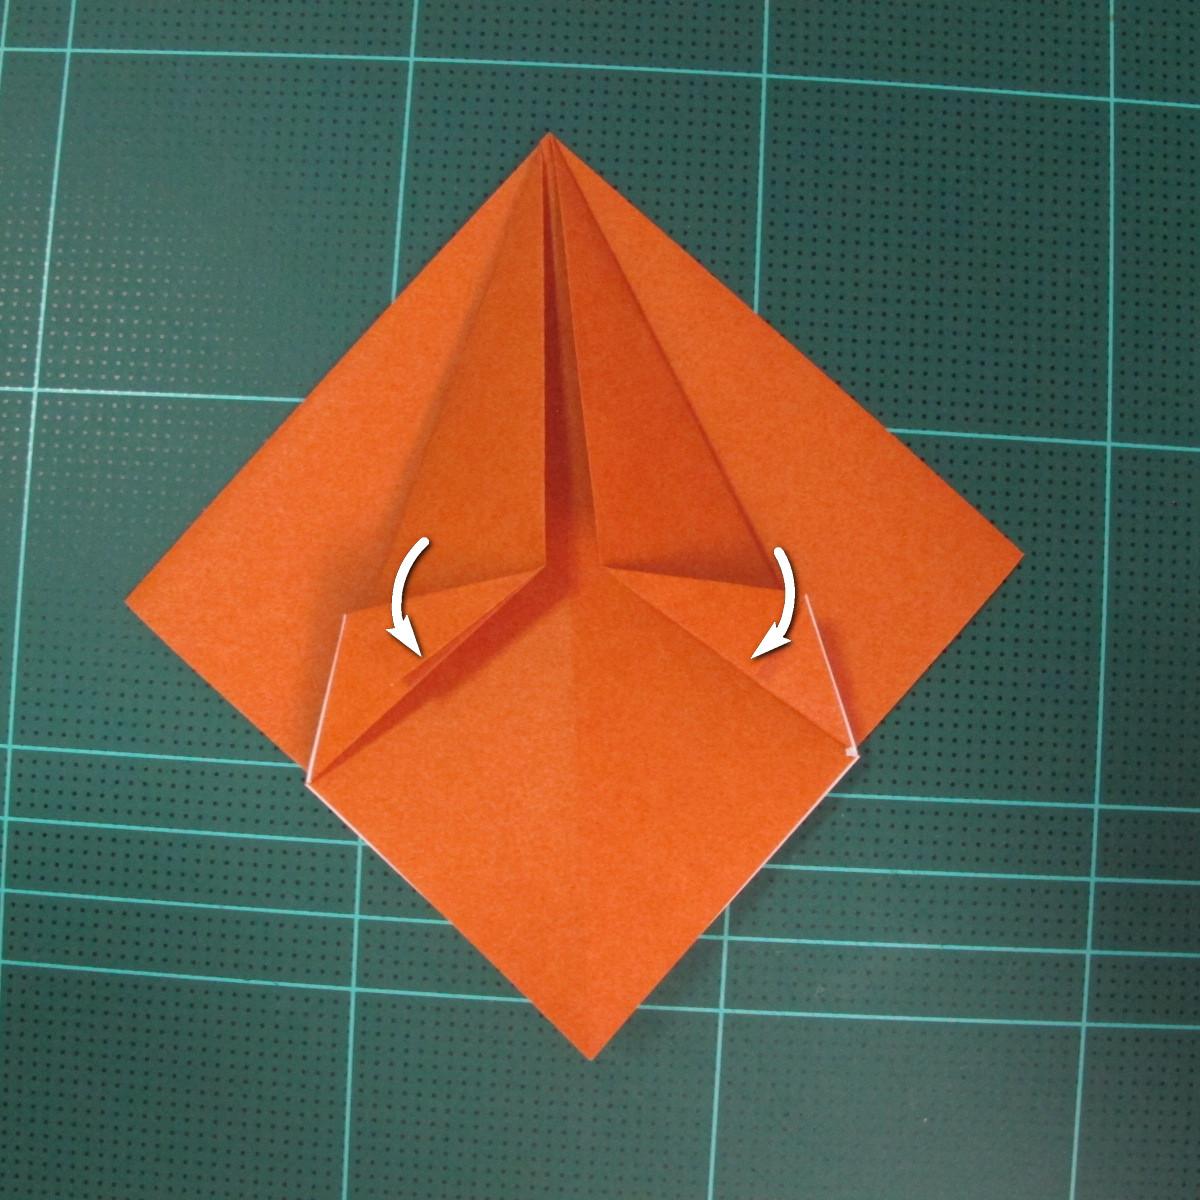 การพับกระดาษเป็นที่คั่นหนังสือหมีแว่น (Spectacled Bear Origami)  โดย Diego Quevedo 008